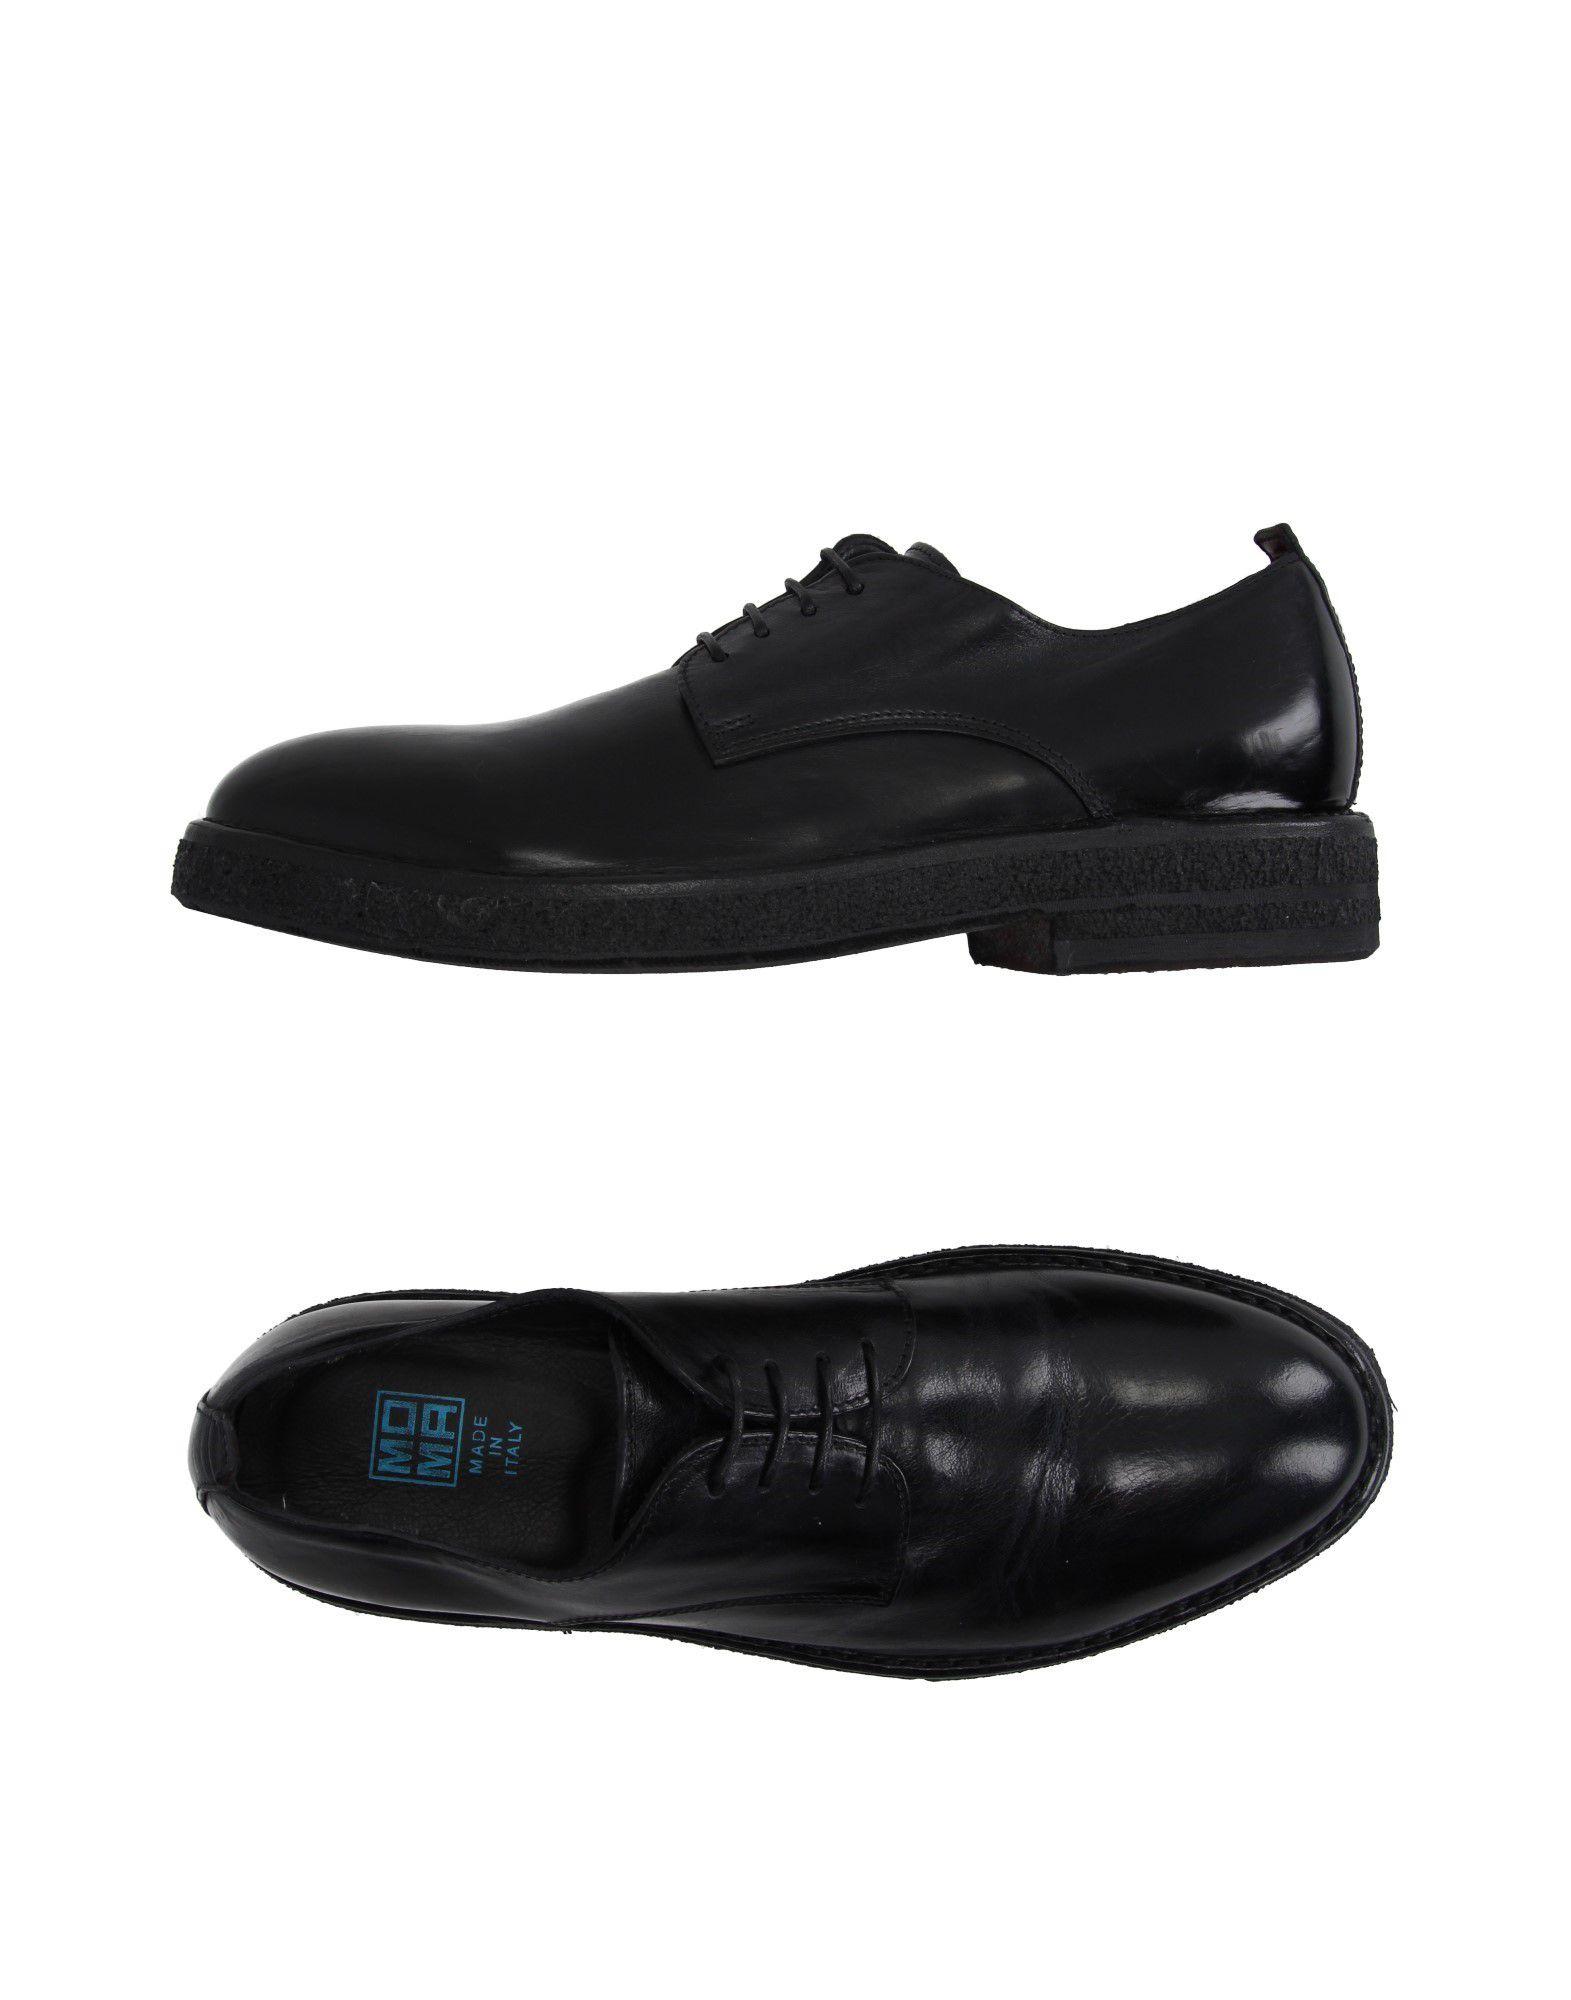 Haltbare Mode billige Schuhe Moma Schnürschuhe Herren  11017670UU Heiße Schuhe